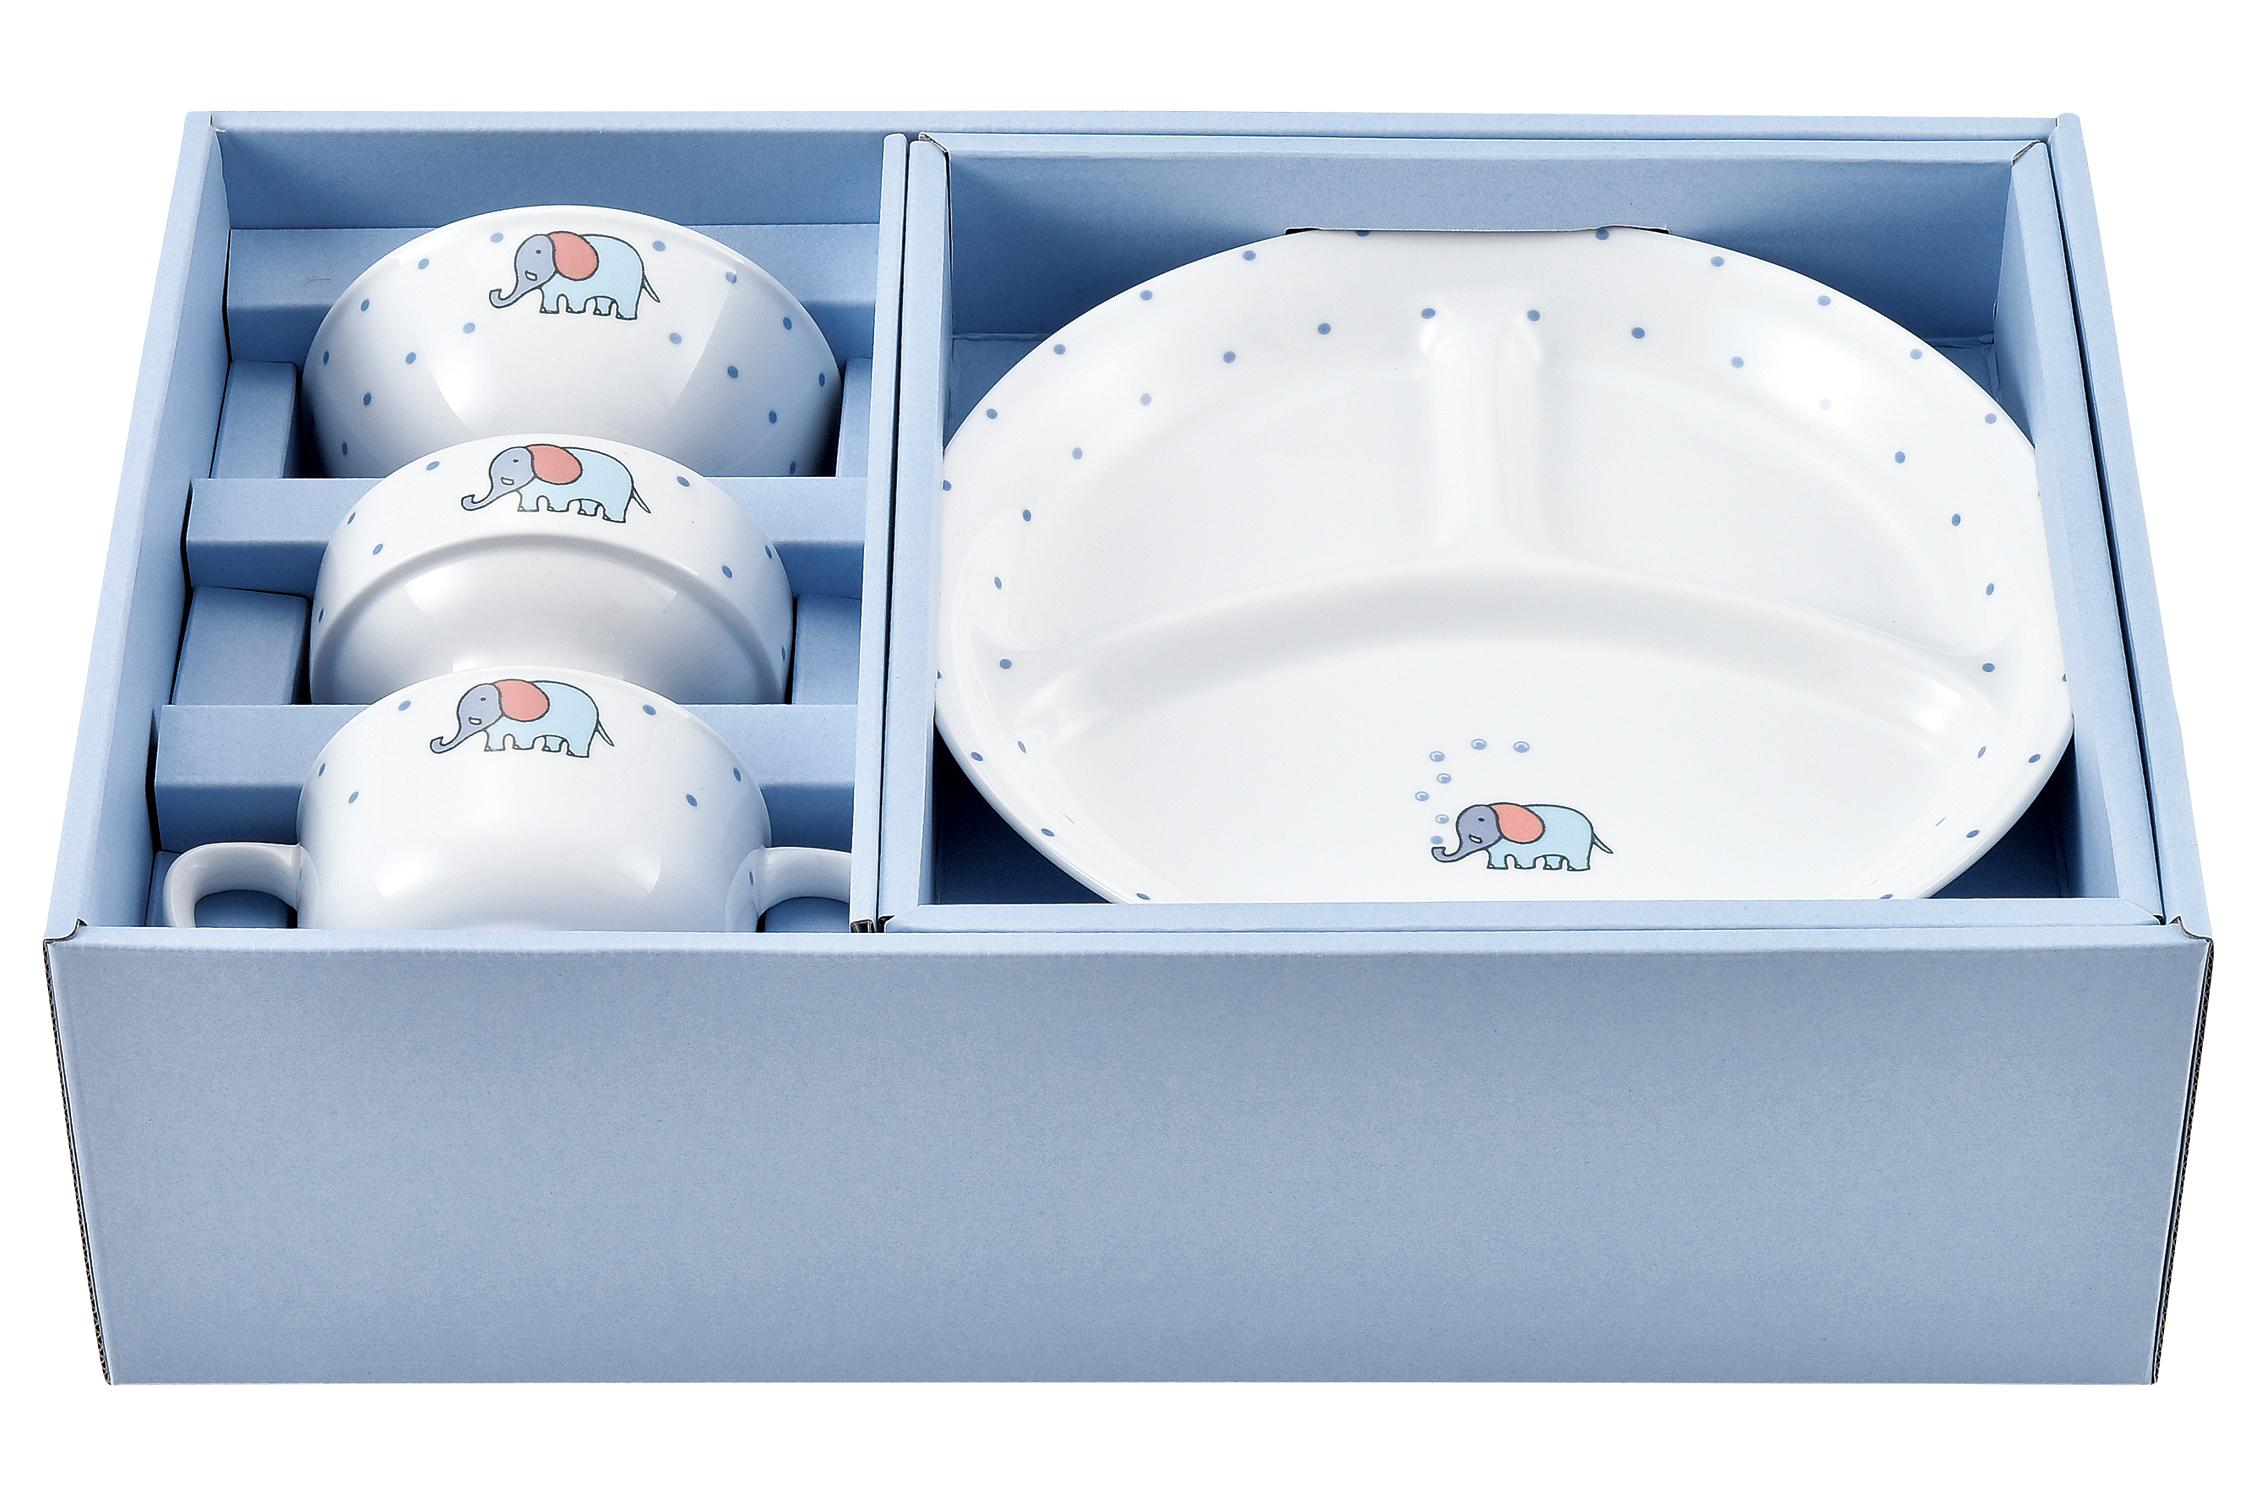 ぷくぷくぞうさん世界一安全な食器セット アイスブルー ギフトセット